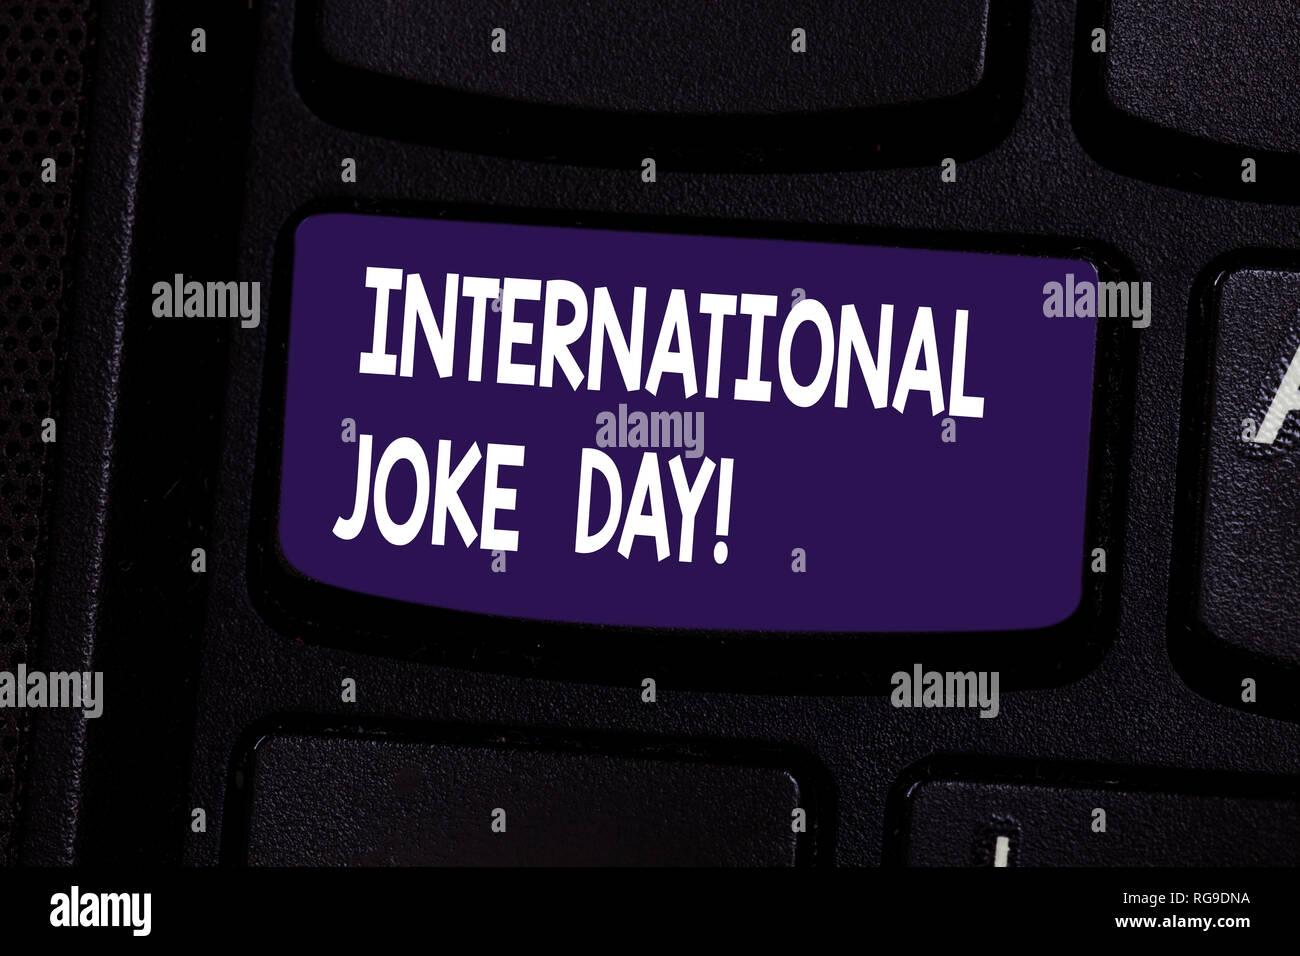 Escritura de texto broma del día internacional. Concepto Significado vacaciones para celebrar el beneficio de buen humor tecla intención de crear equipo lío Imagen De Stock